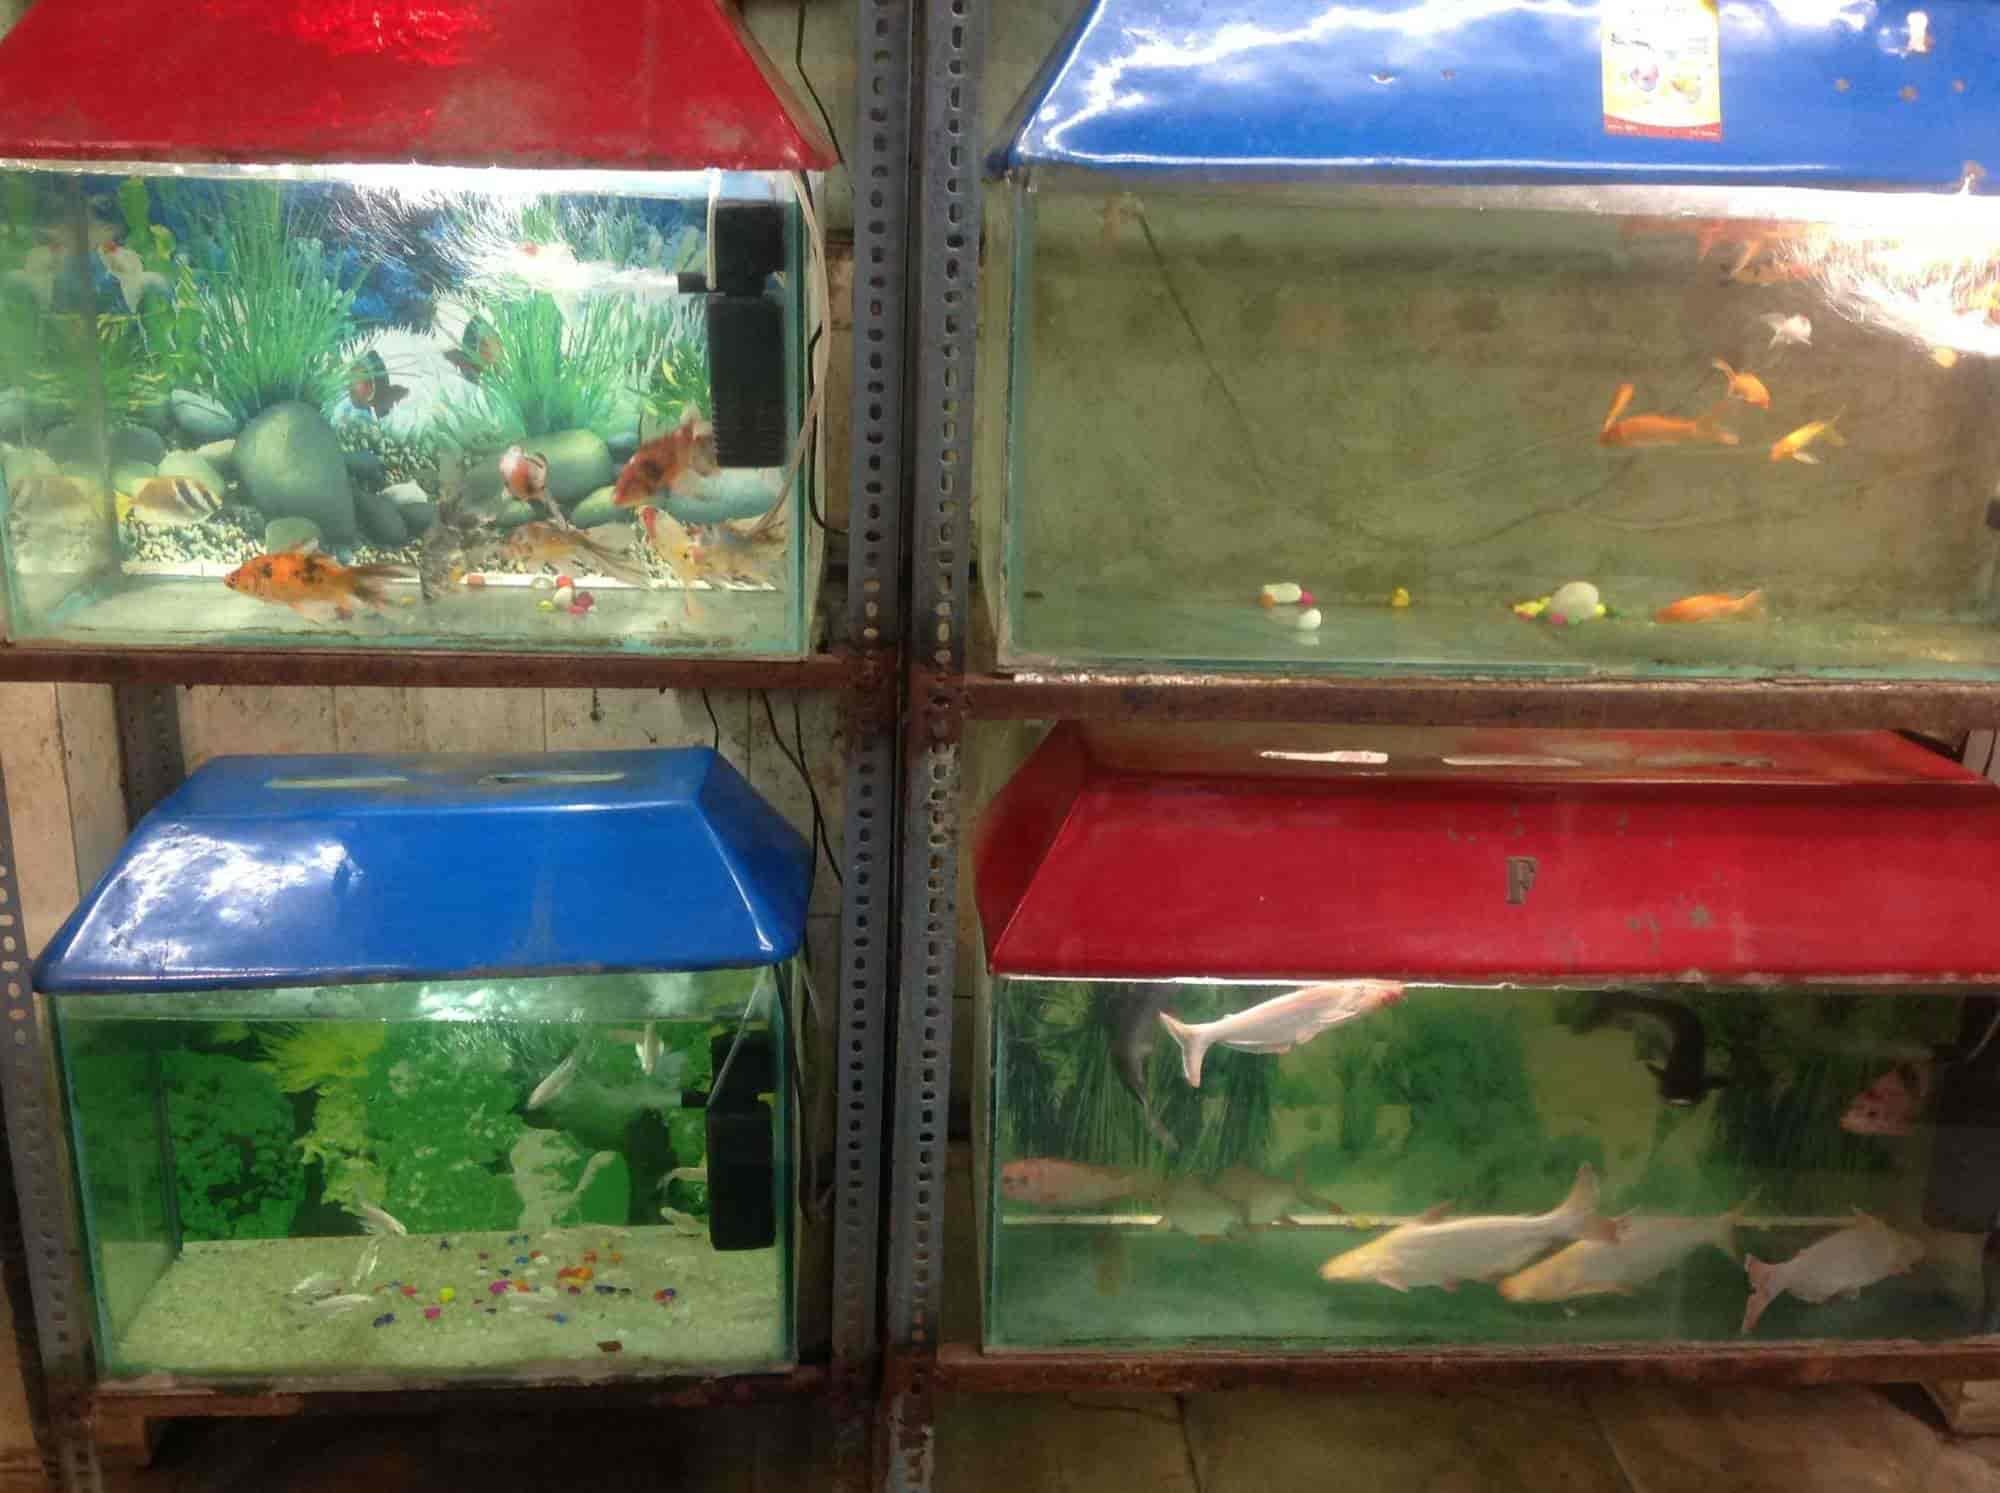 Guddu Fish Aquariums Lal Kuan Bazar Aquariums in Delhi Justdial